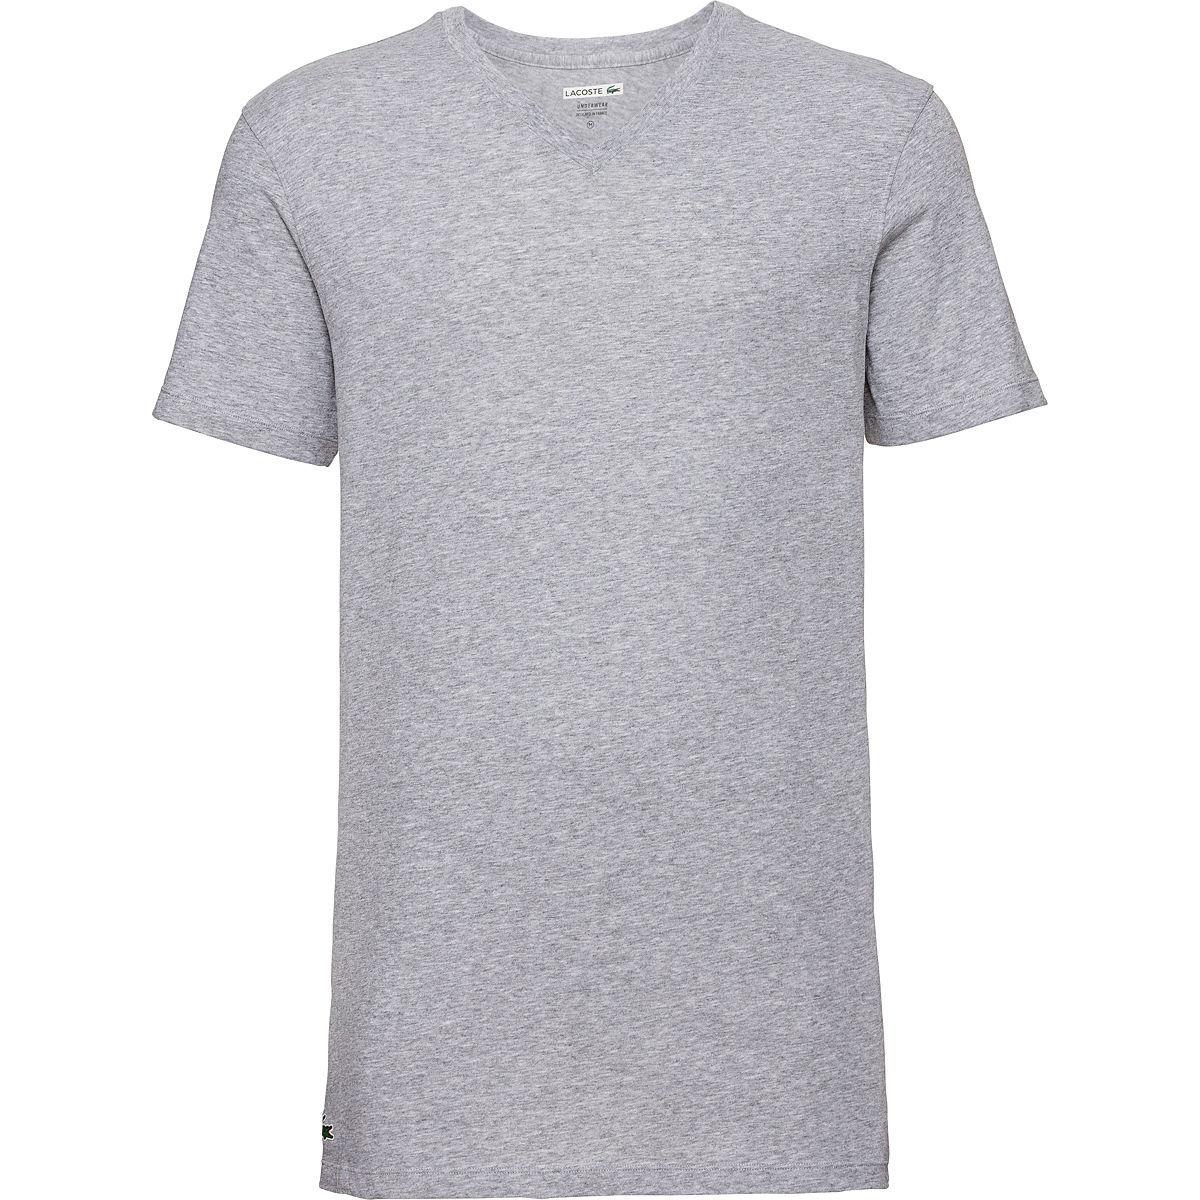 [Karstadt] Lacoste T-Shirt mit V-, oder Rundhals, 3er Pack, ggfs. -15€ (online+4,95 €)